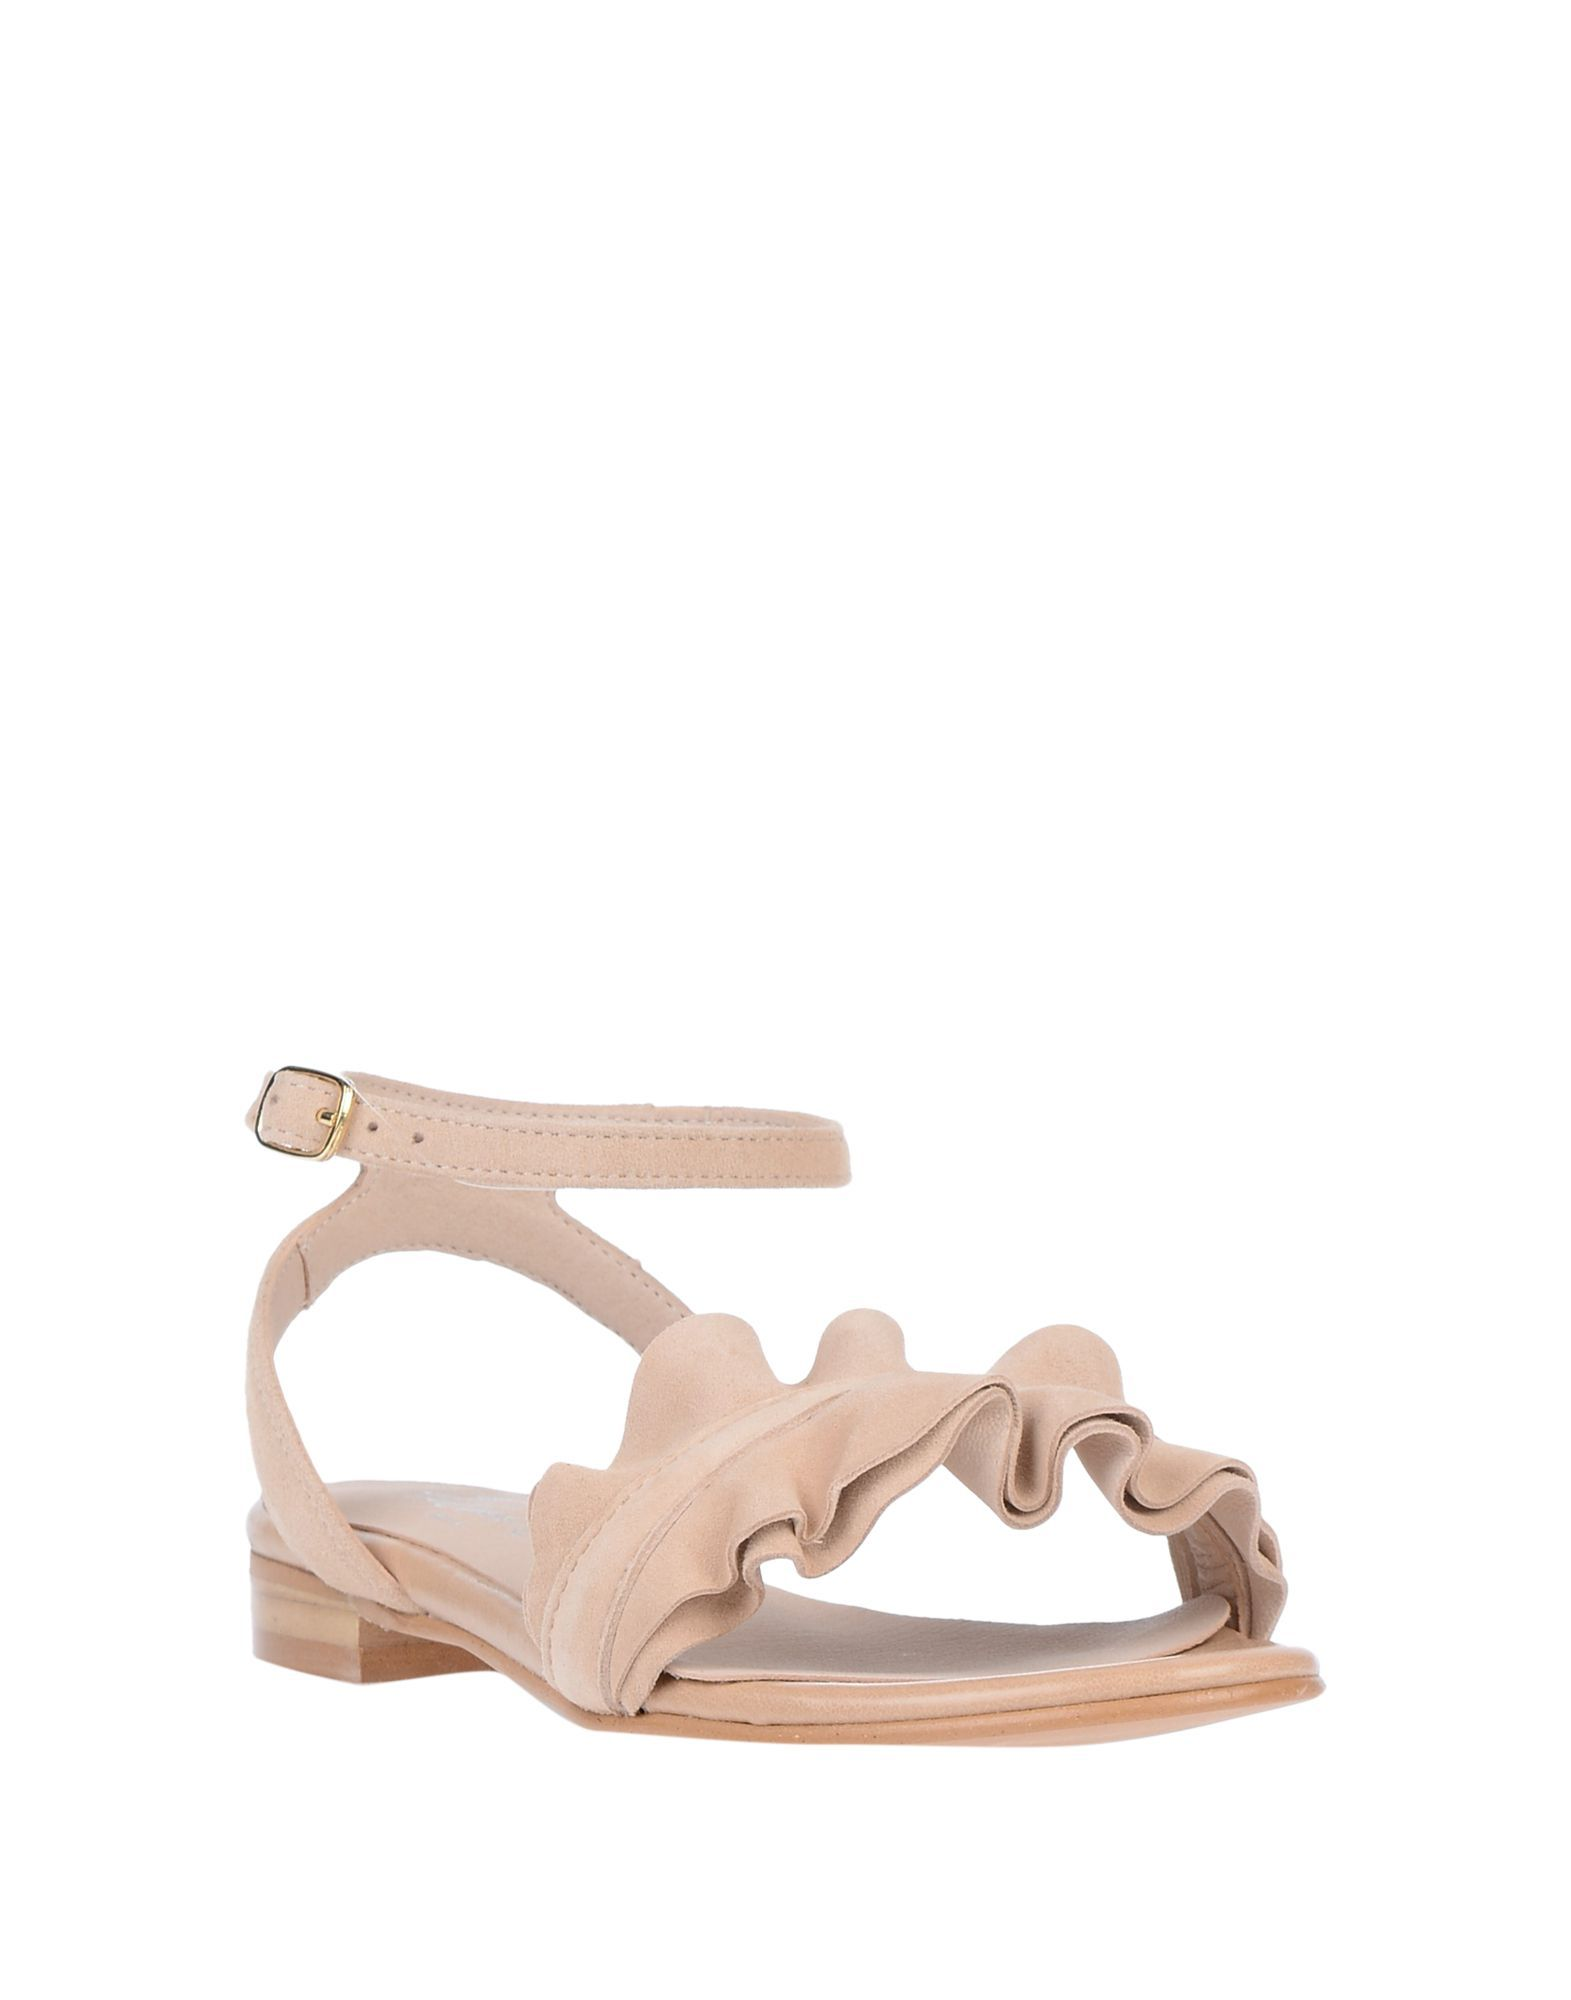 Flavio Creation Beige Leather Sandals